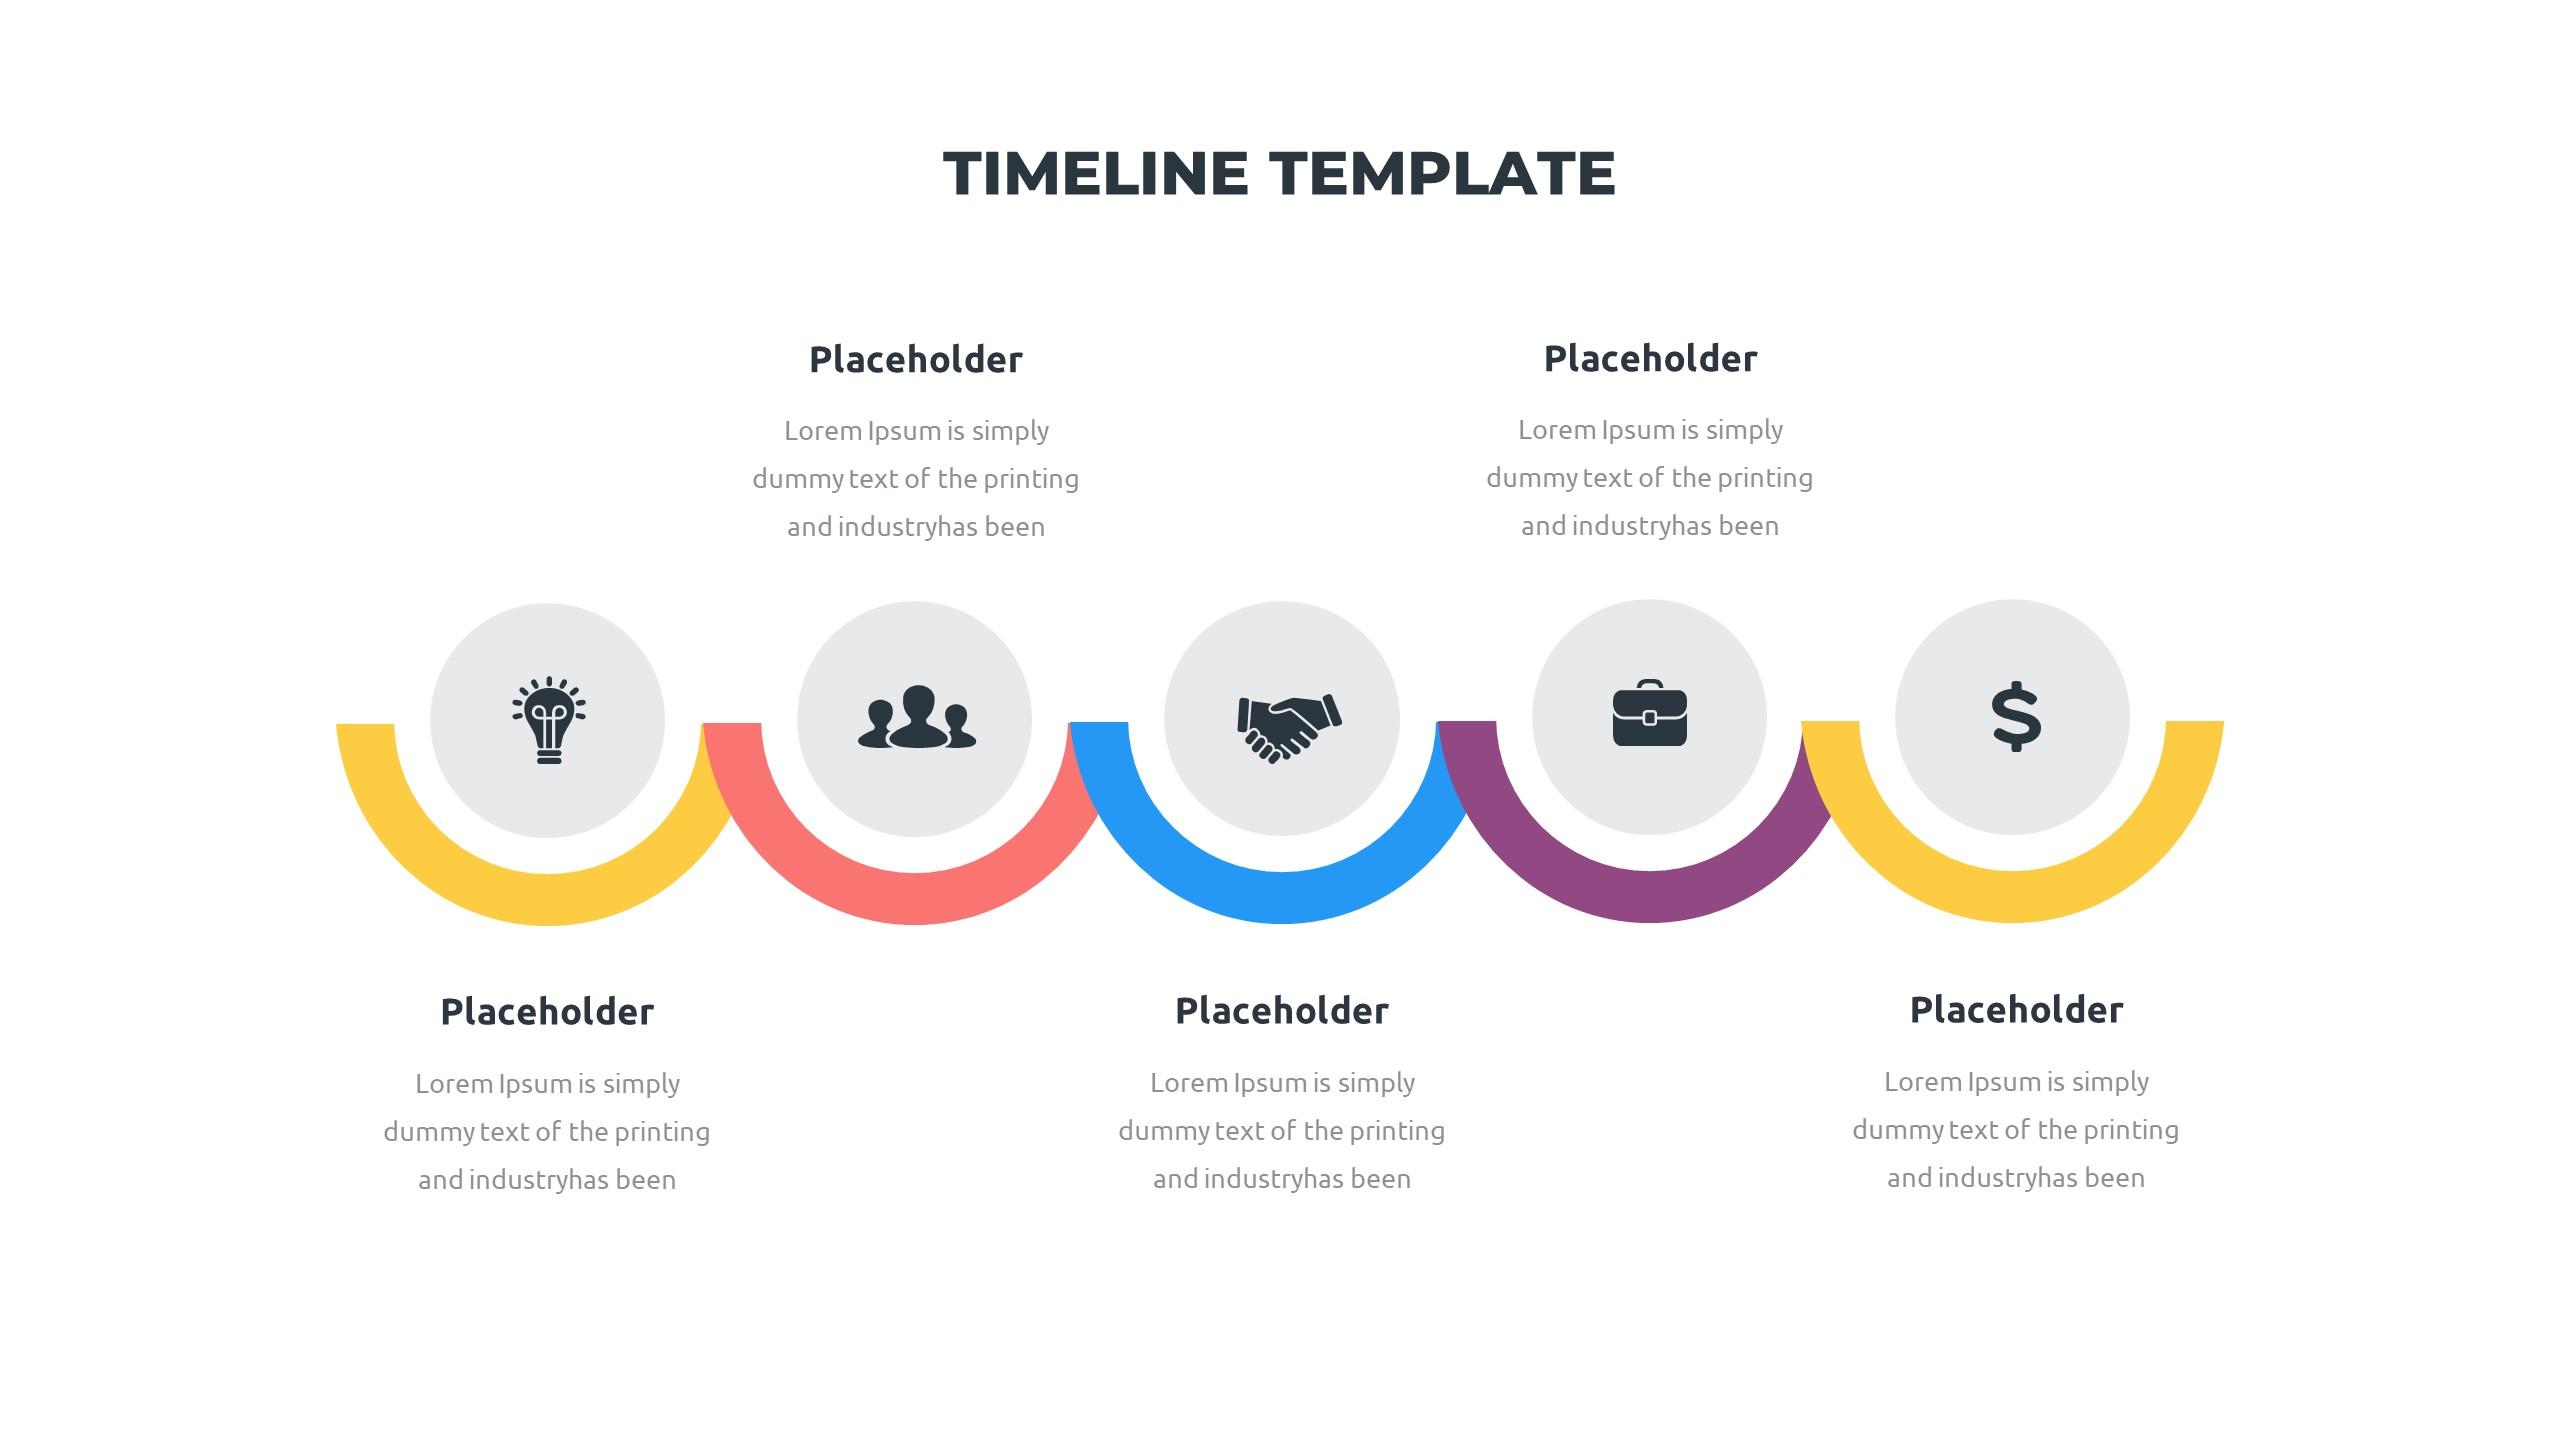 36 Timeline Presentation Templates: Powerpoint, Google Slides, Keynote - Slide32